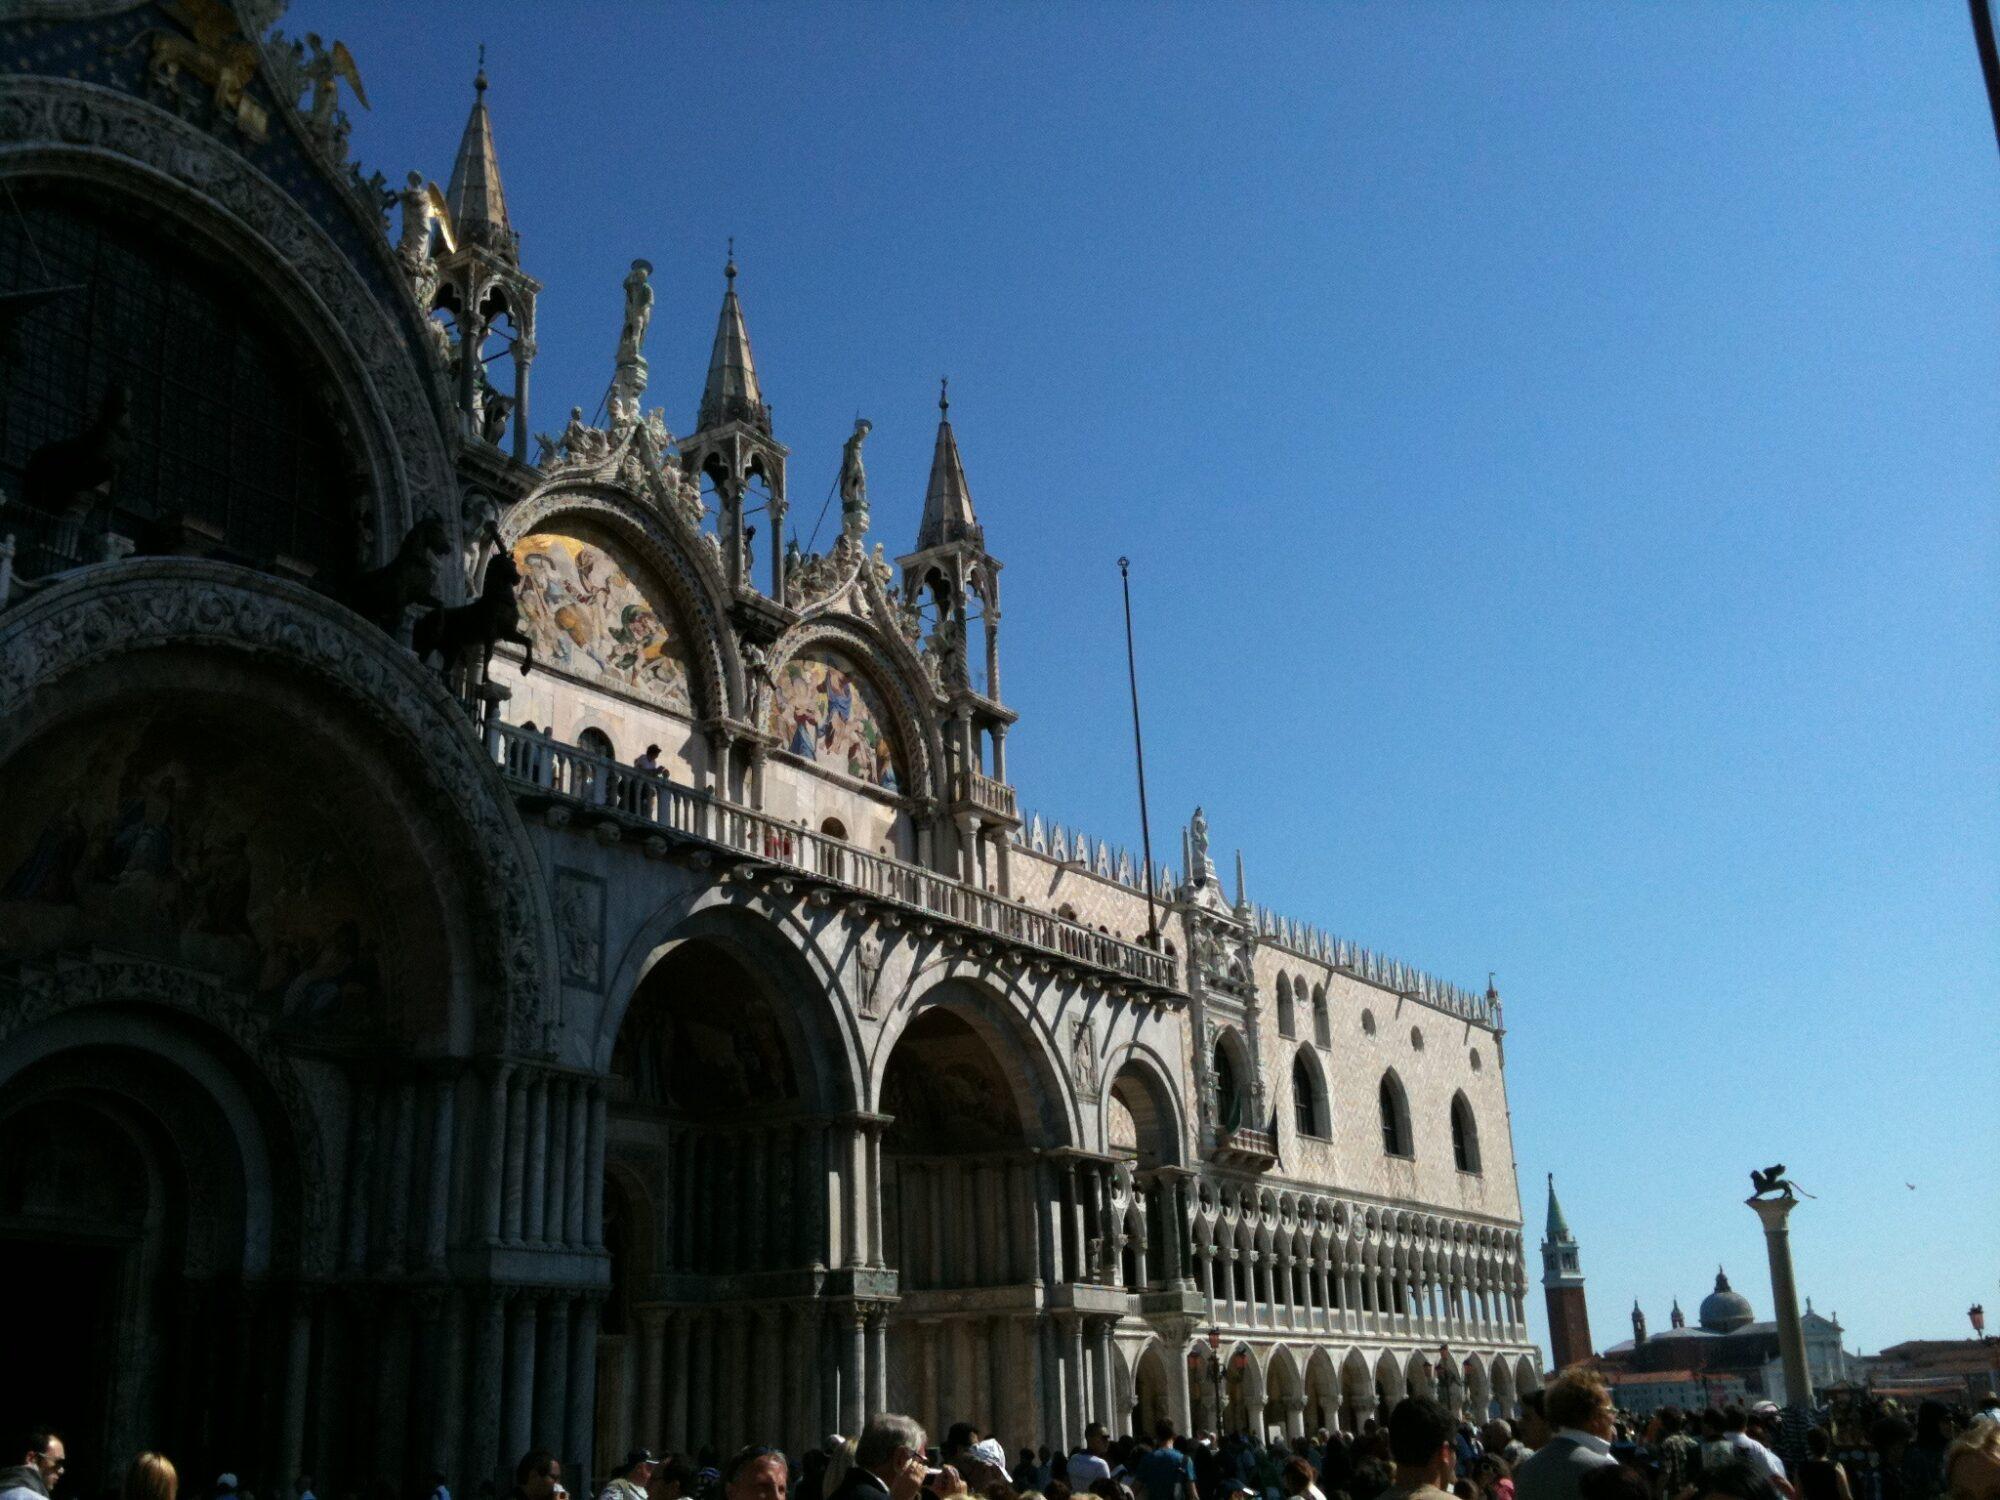 威尼斯從明年夏天起將對遊客收取入城費